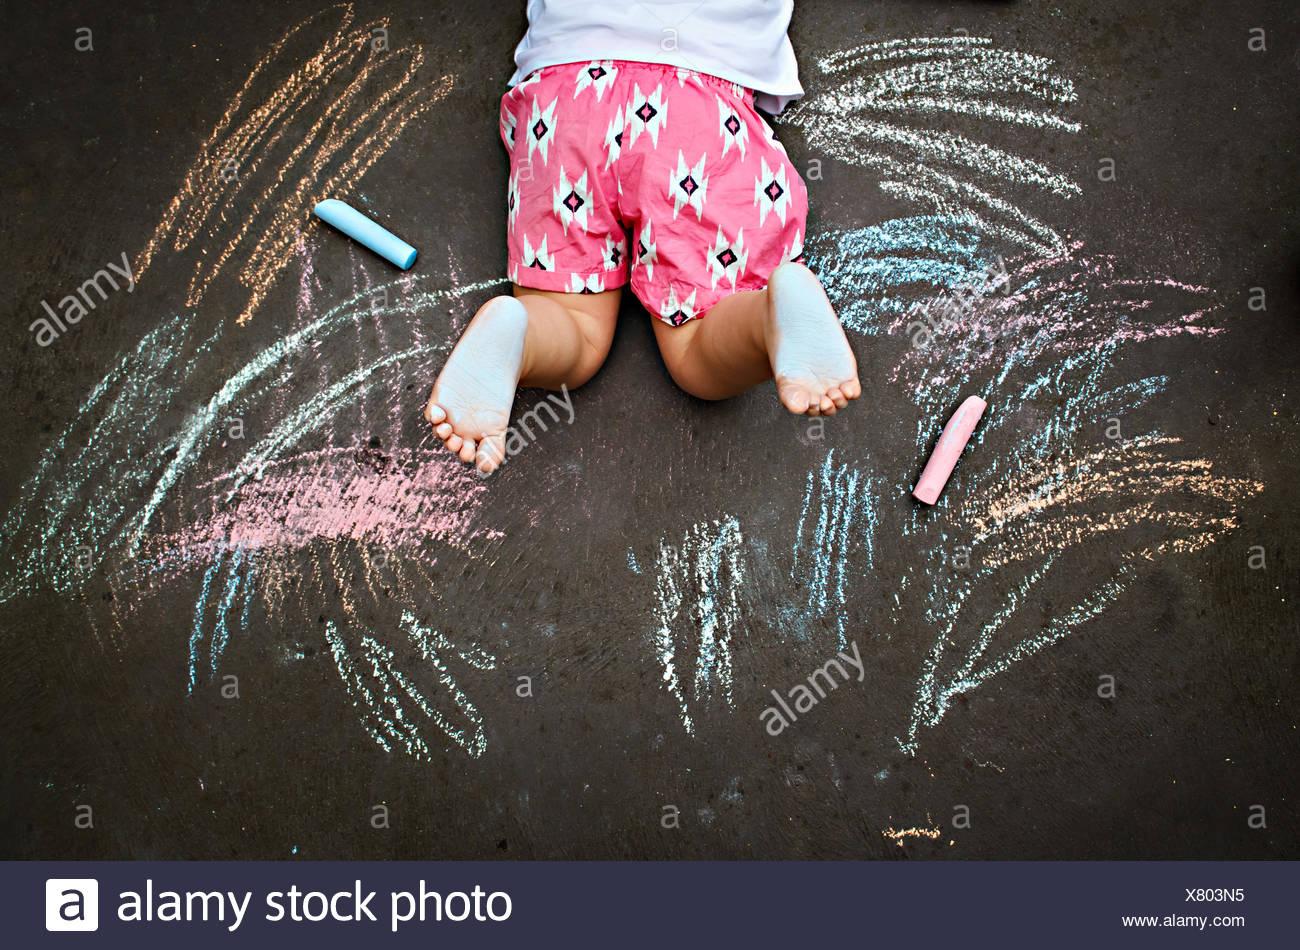 Vista aérea de la niña acostada en el suelo el dibujo con tiza Imagen De Stock